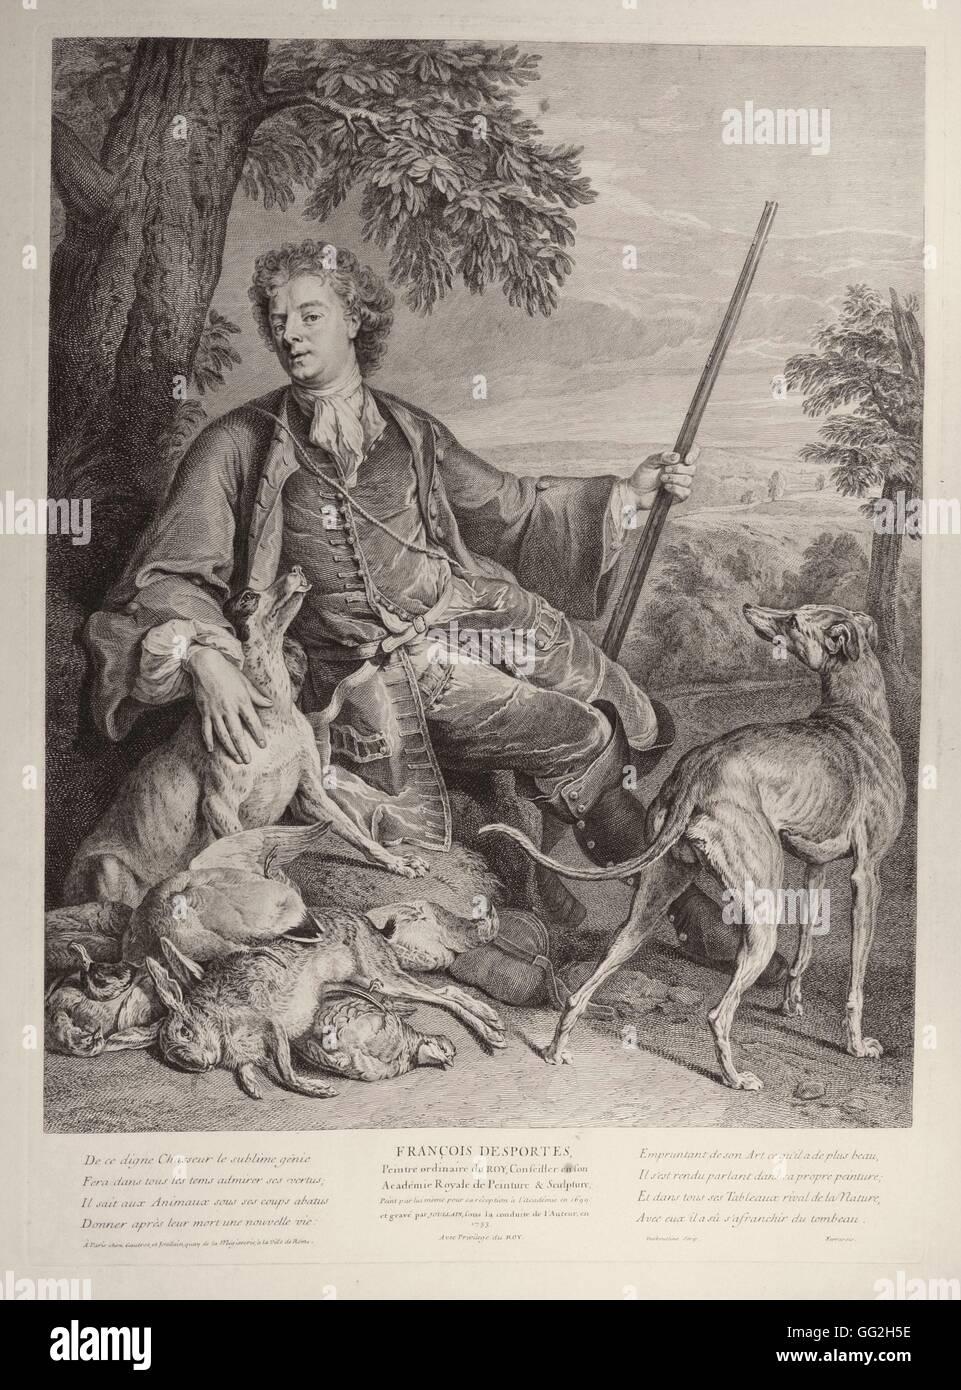 Alexandre Francois Desportes 1661 1743 Peintre Animalier Francais Apres Gravure Son Autoportrait Photo Stock Alamy